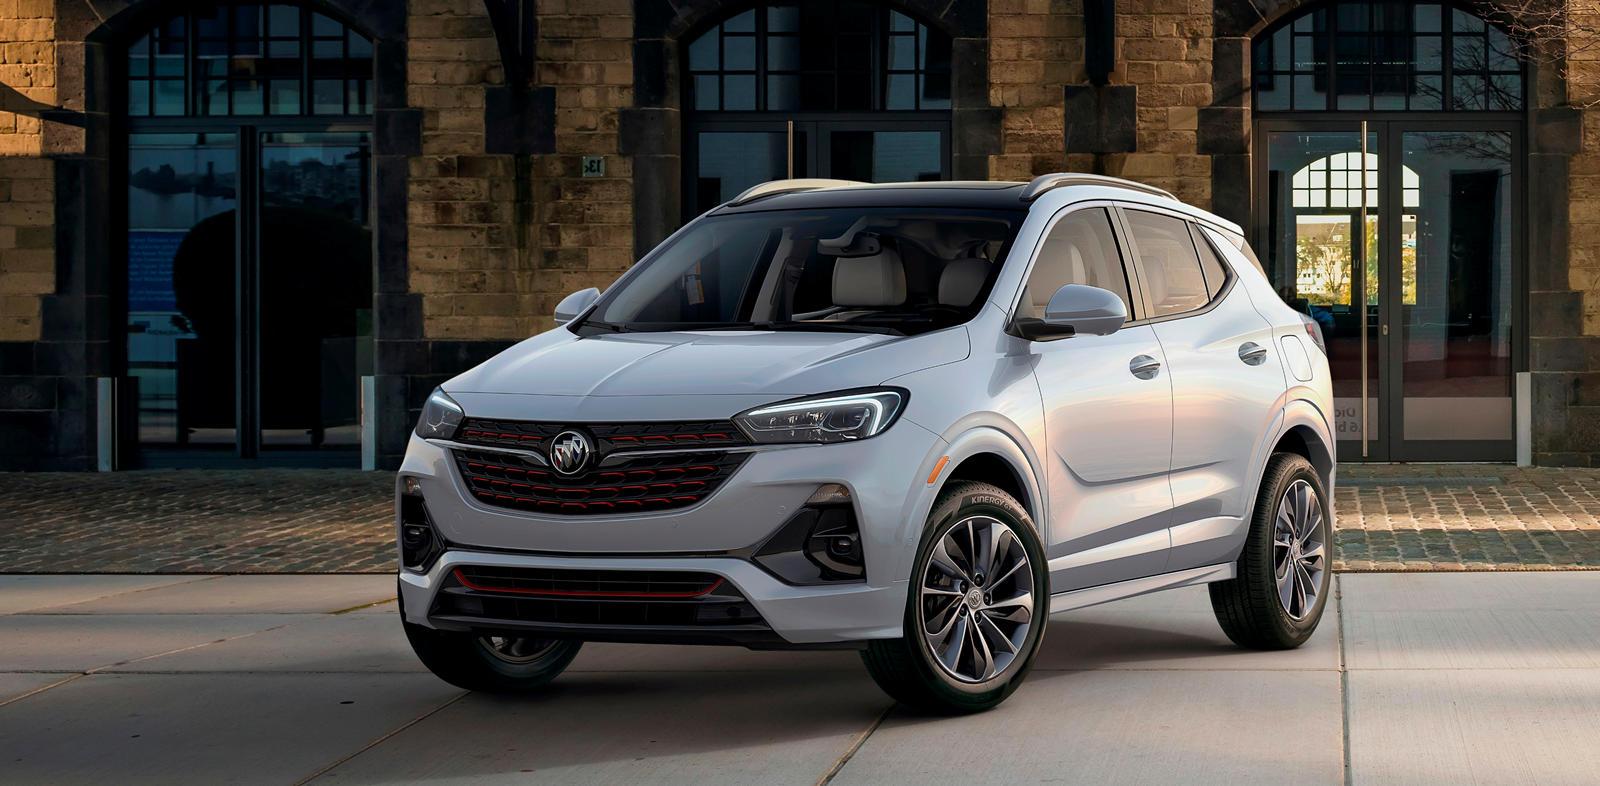 2020 Buick Encore GX Trims & Specs | CarBuzz